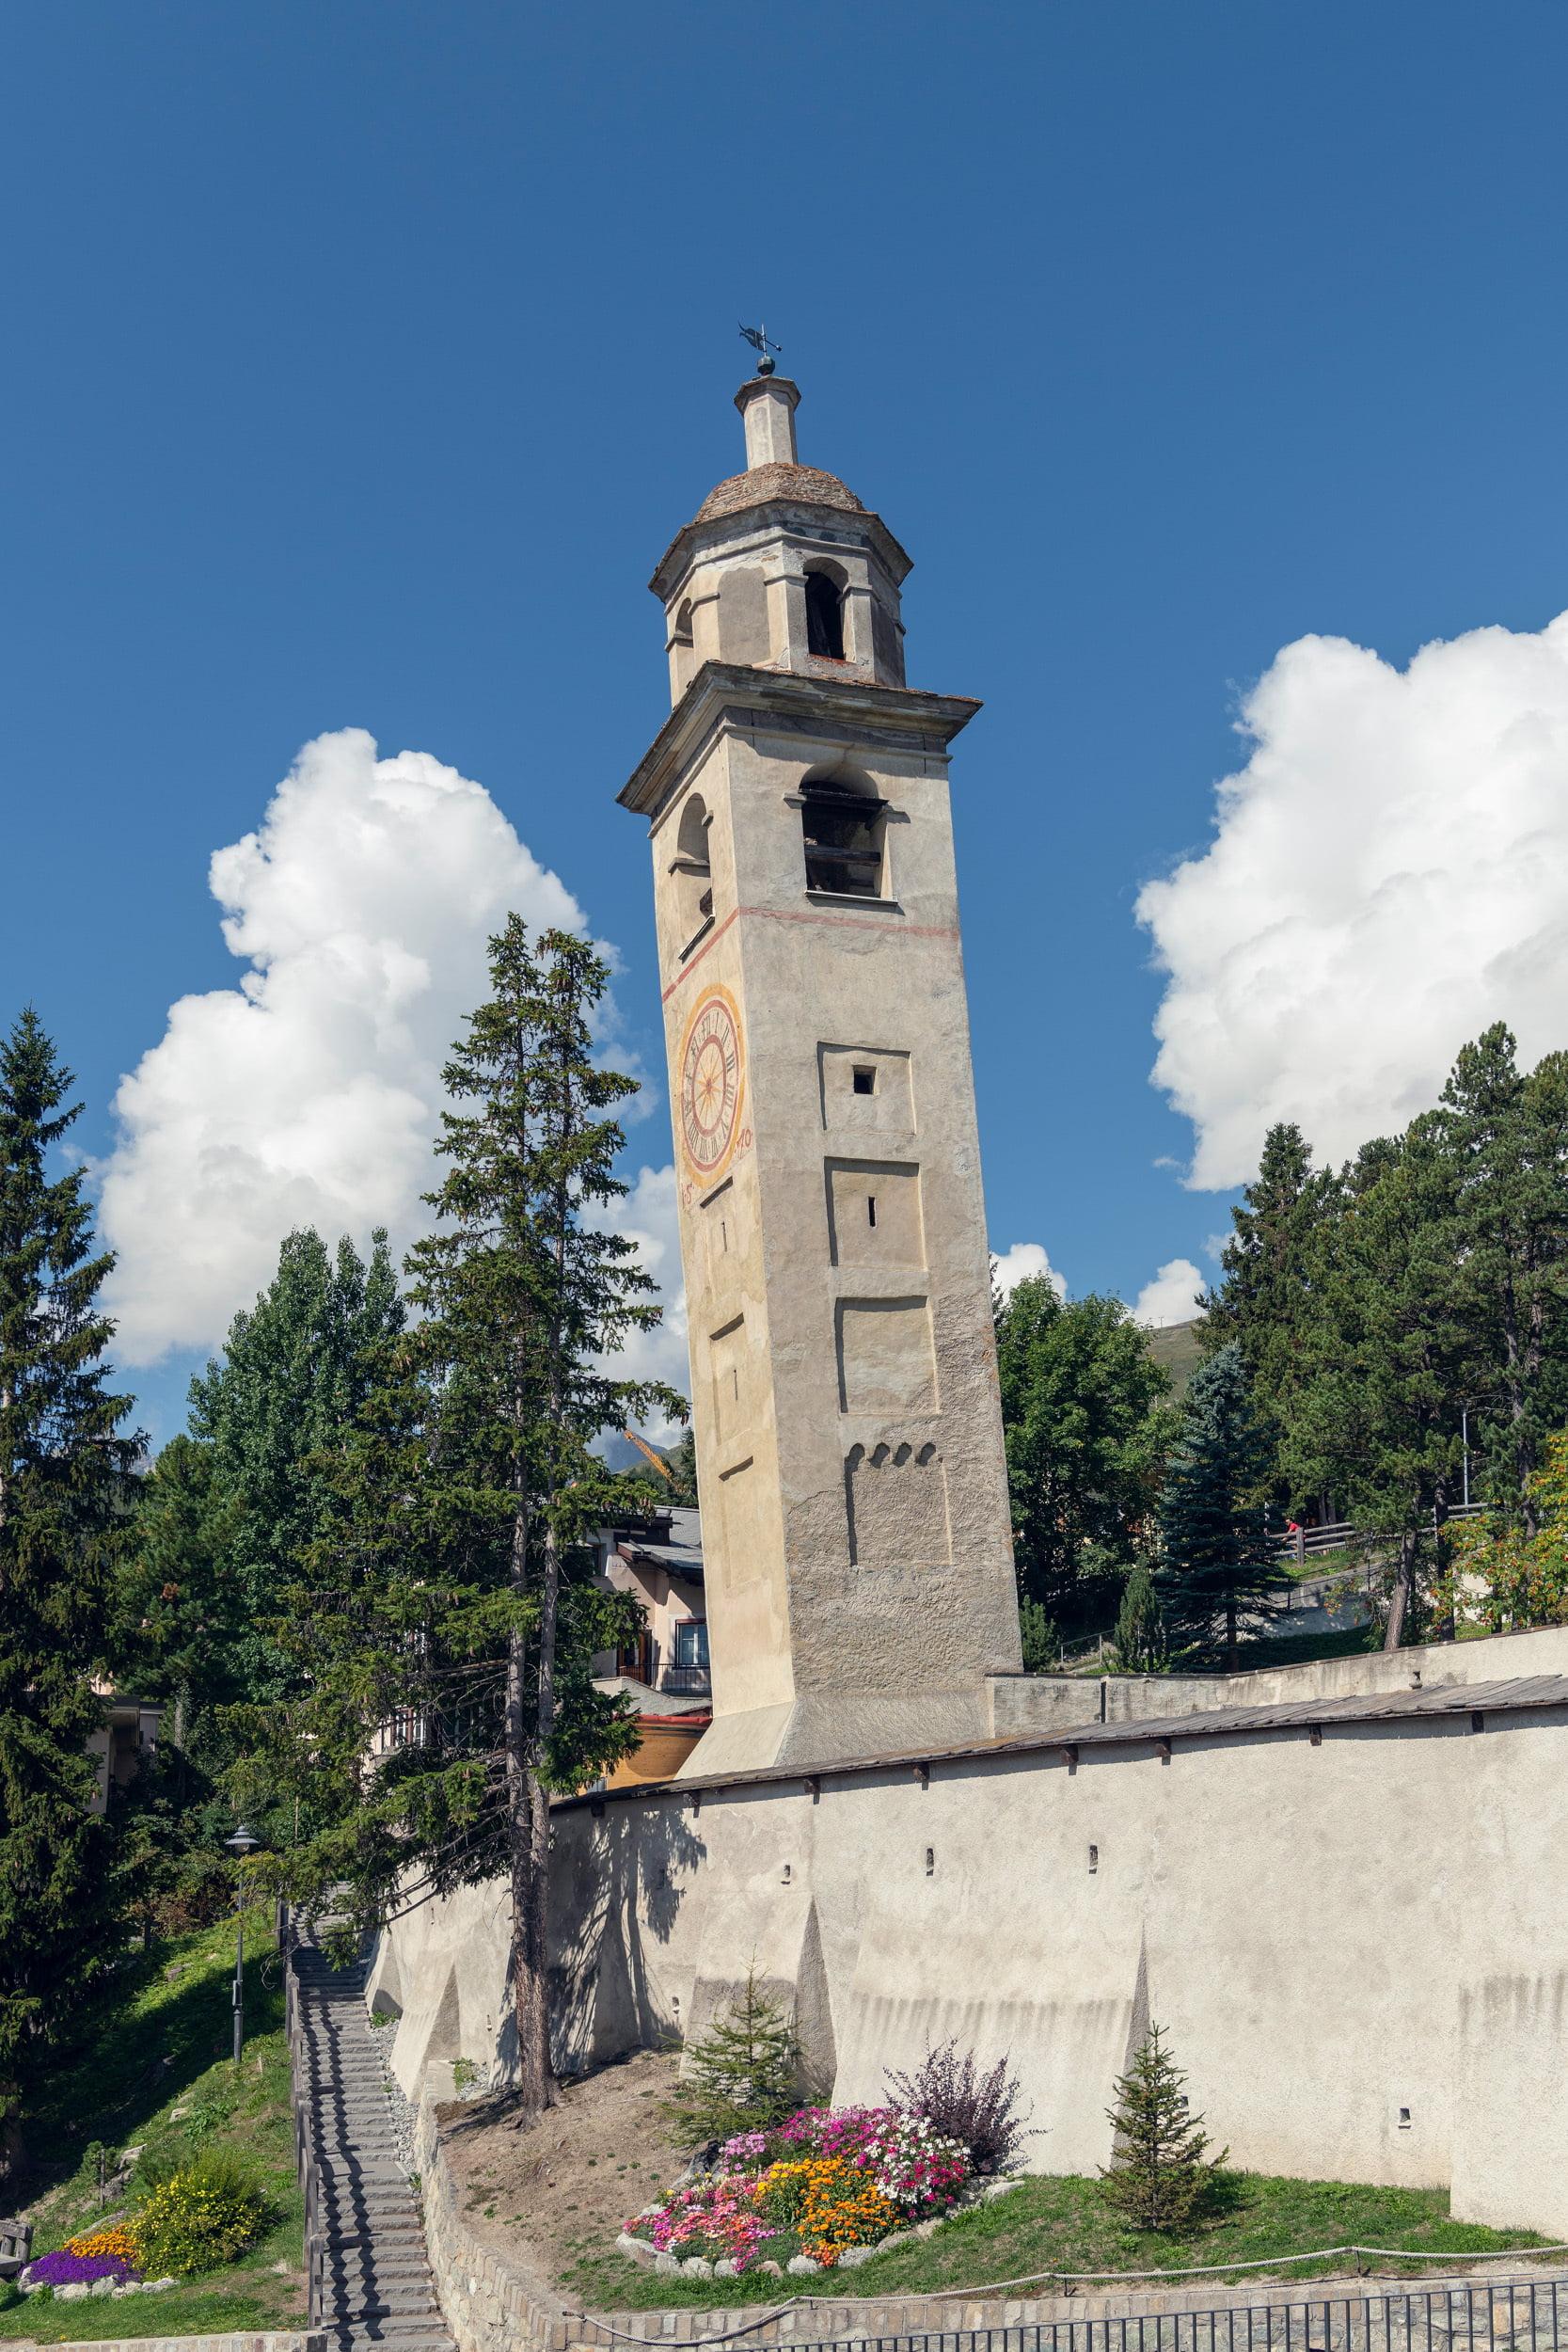 Glockenturm von St. Moritz